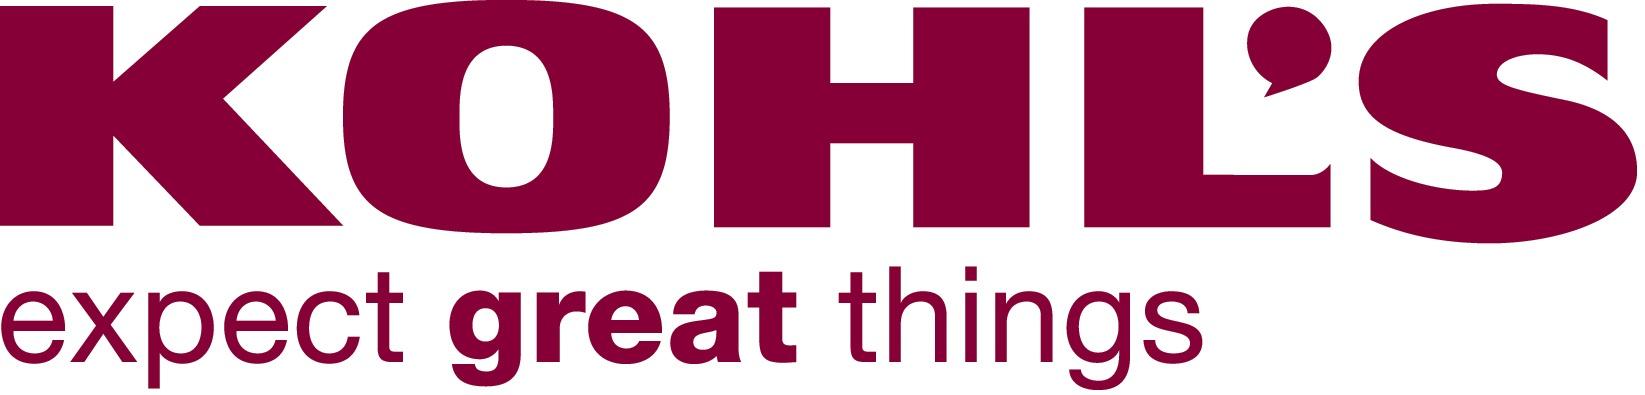 logo_kohls_burgundy-hi1